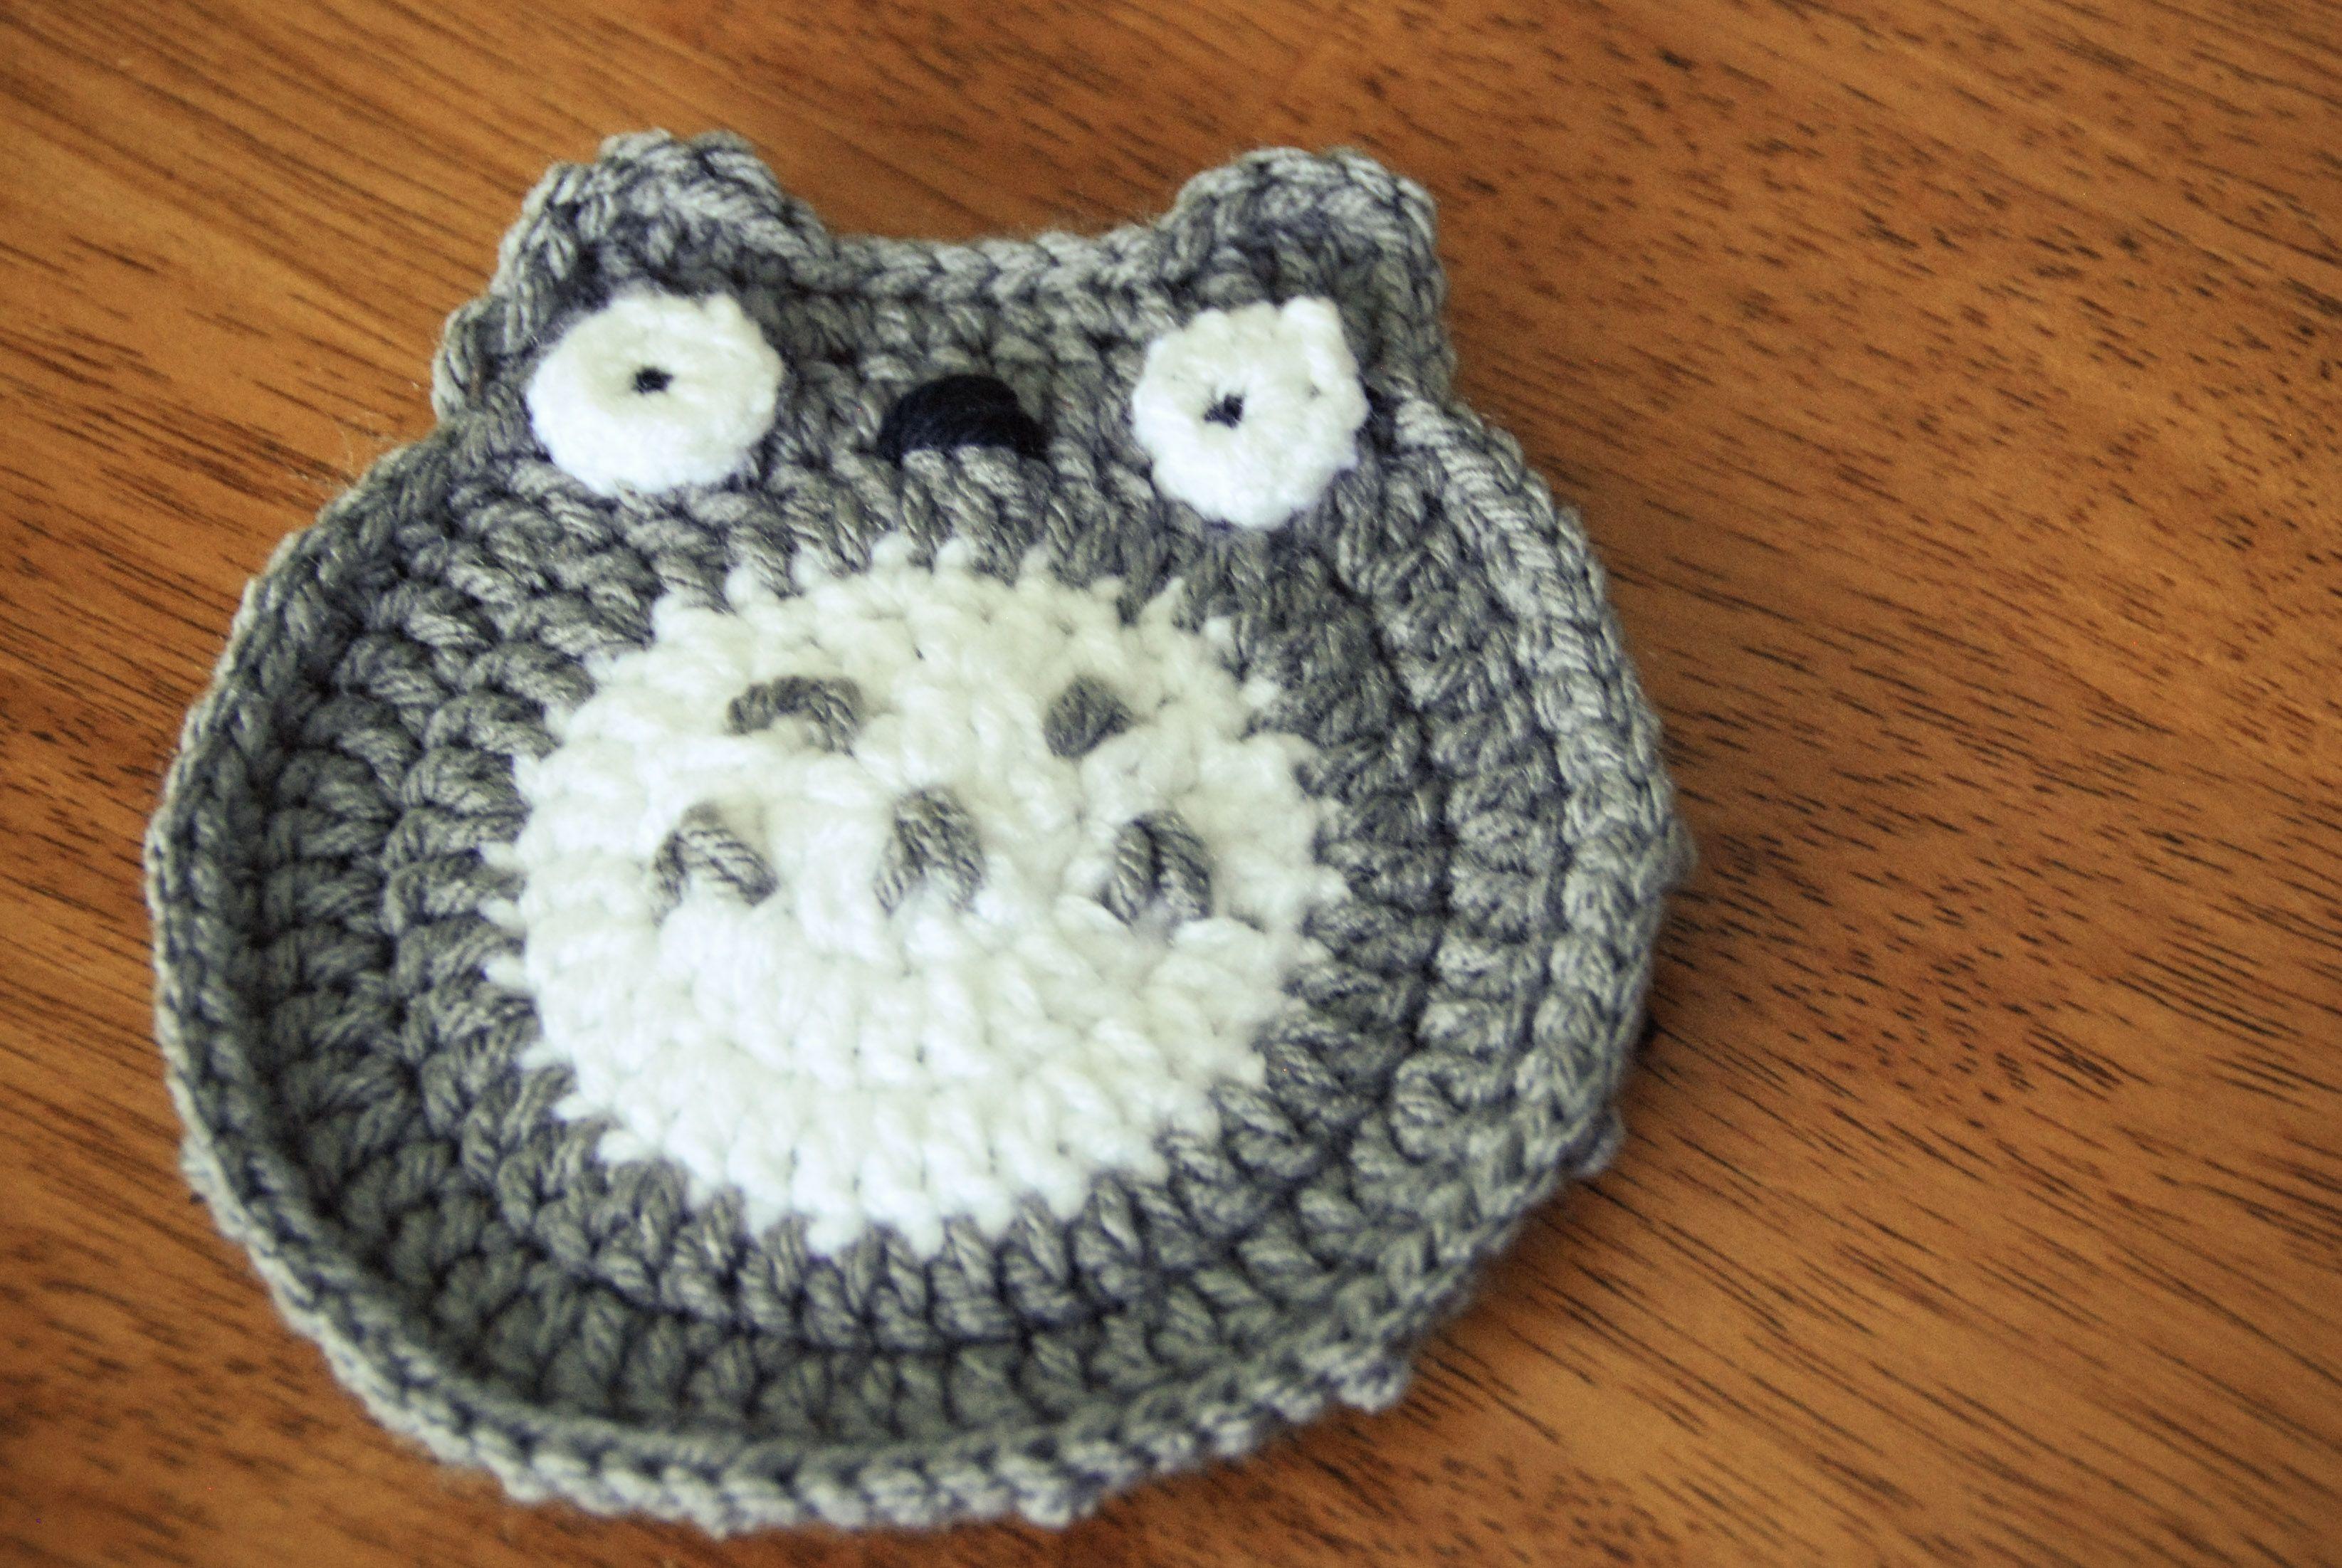 totoro crochet granny square - Google Search   To make   Pinterest